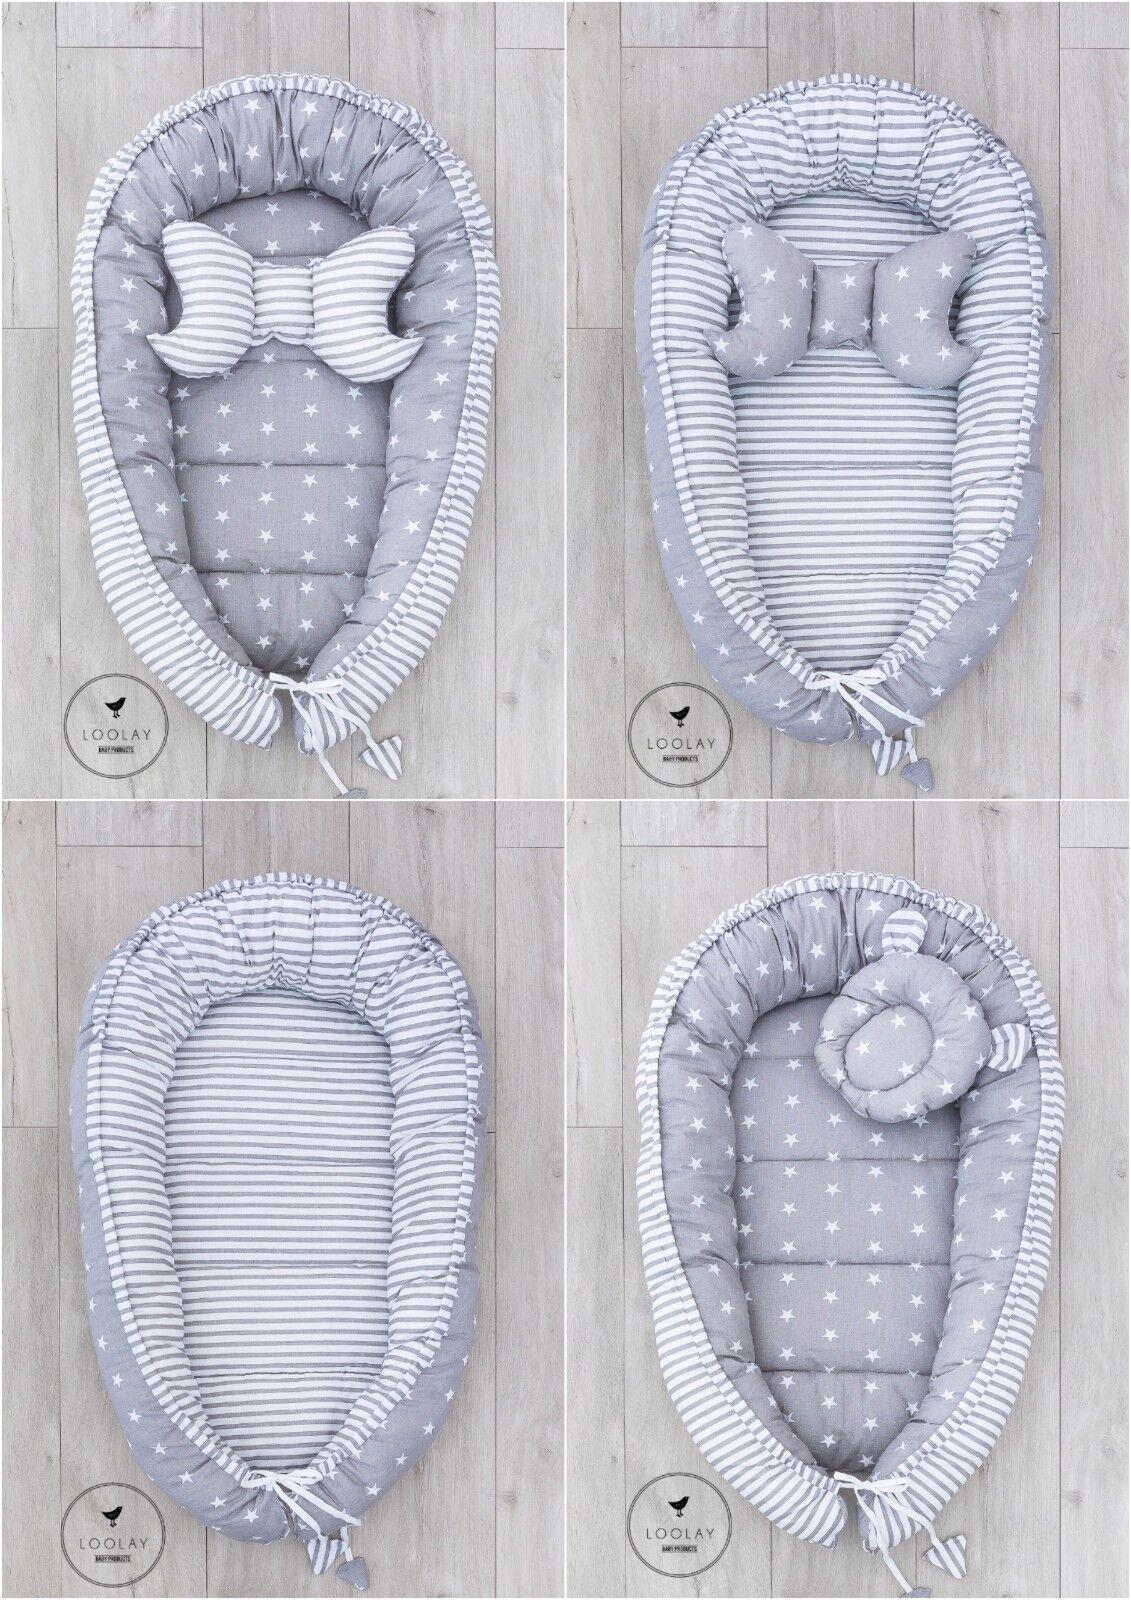 Babynestchen Kokon 2seitig Nestchen Babykokon Kuschelbett 15 MUSTER Neu LOOLAY